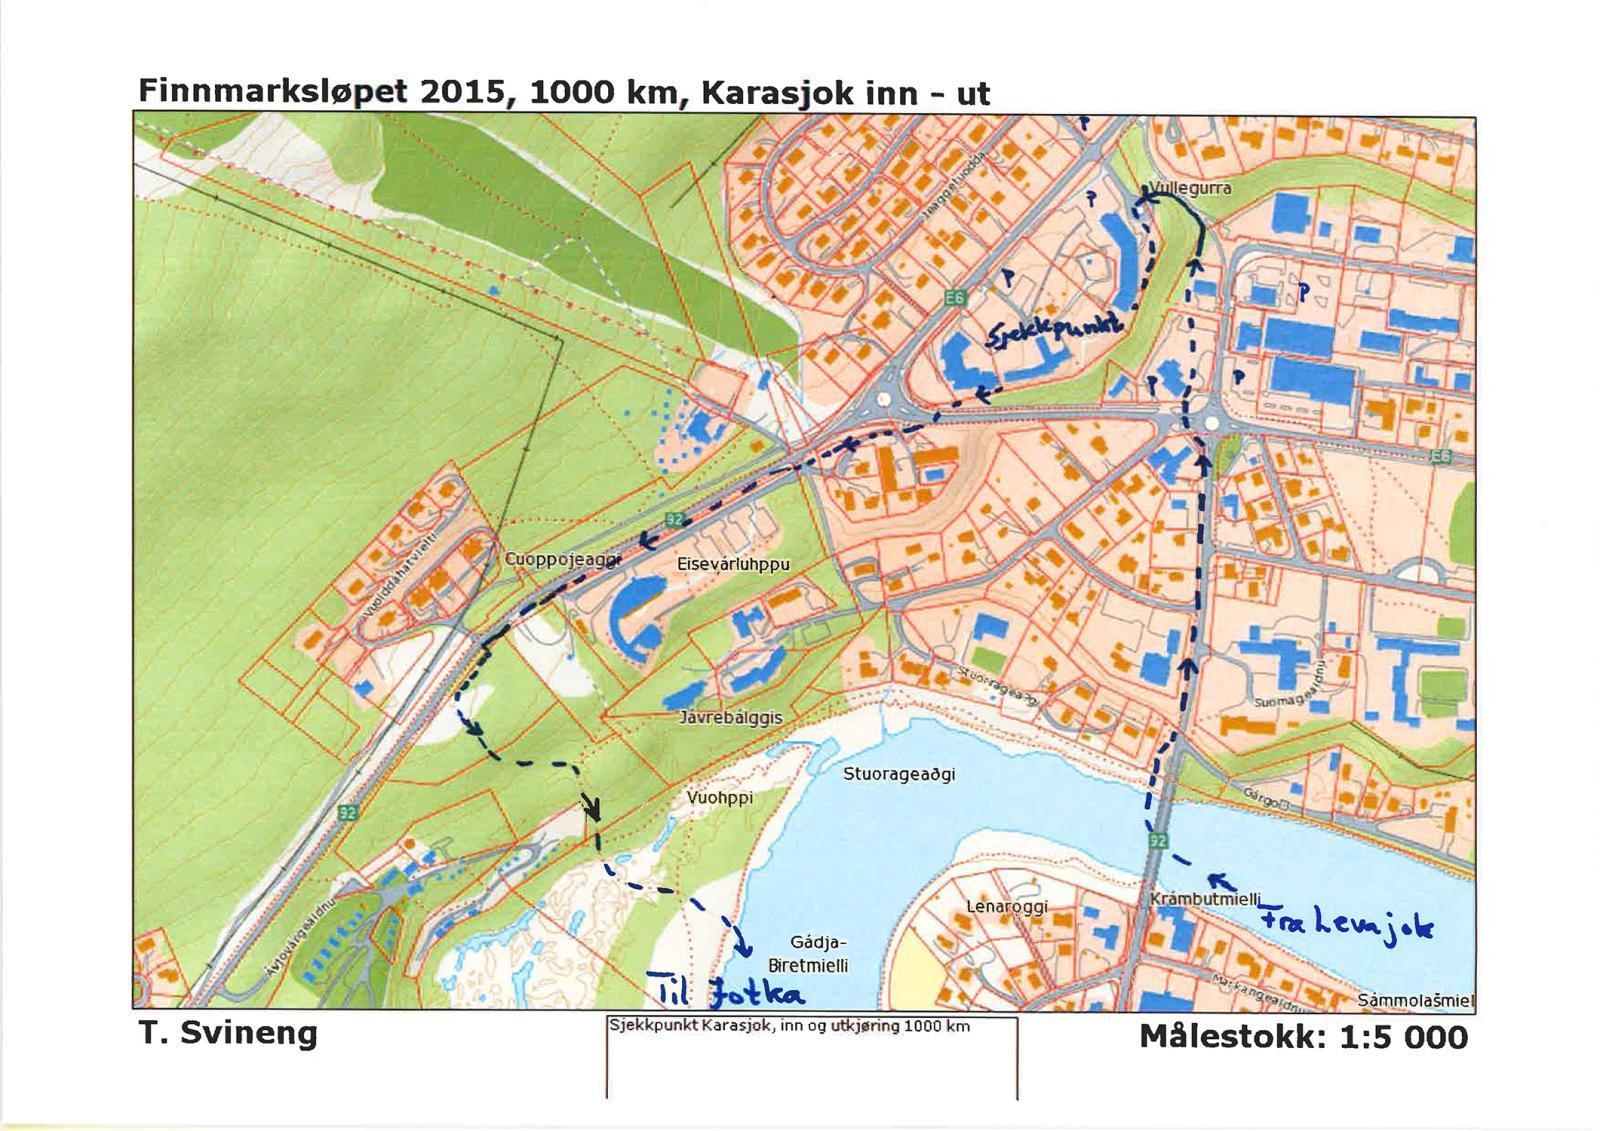 kart over karasjok Finnmarksløpet: FL 1000: Trail changes in Karasjok kart over karasjok